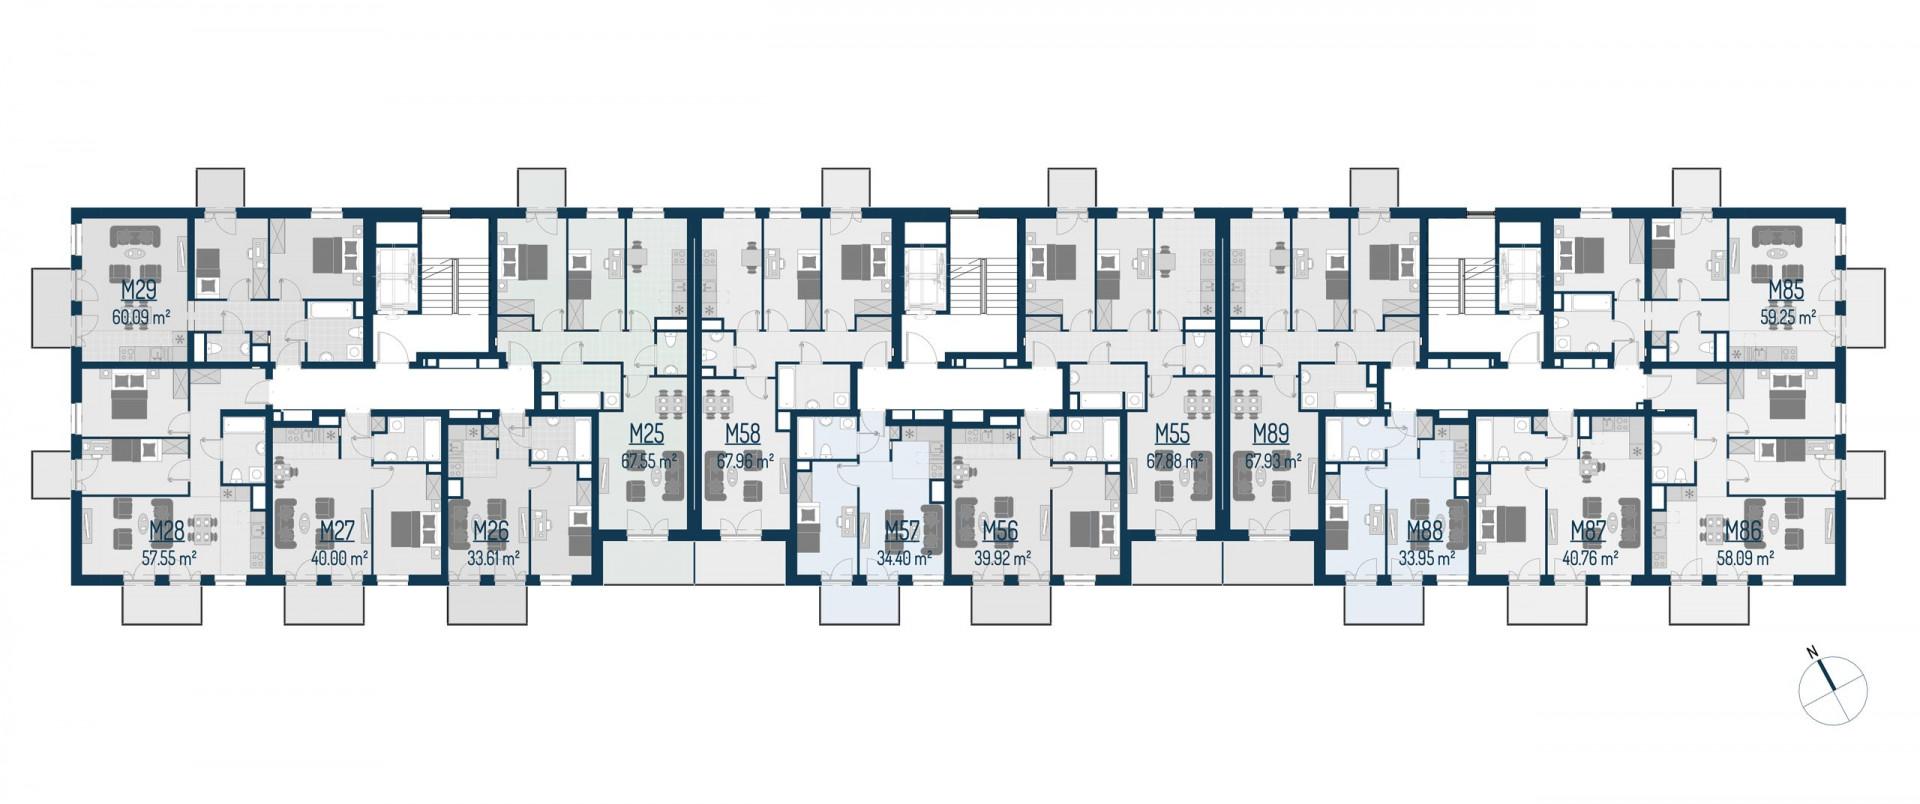 Zdrowe Stylove / budynek 1 / mieszkanie nr M58 rzut 2